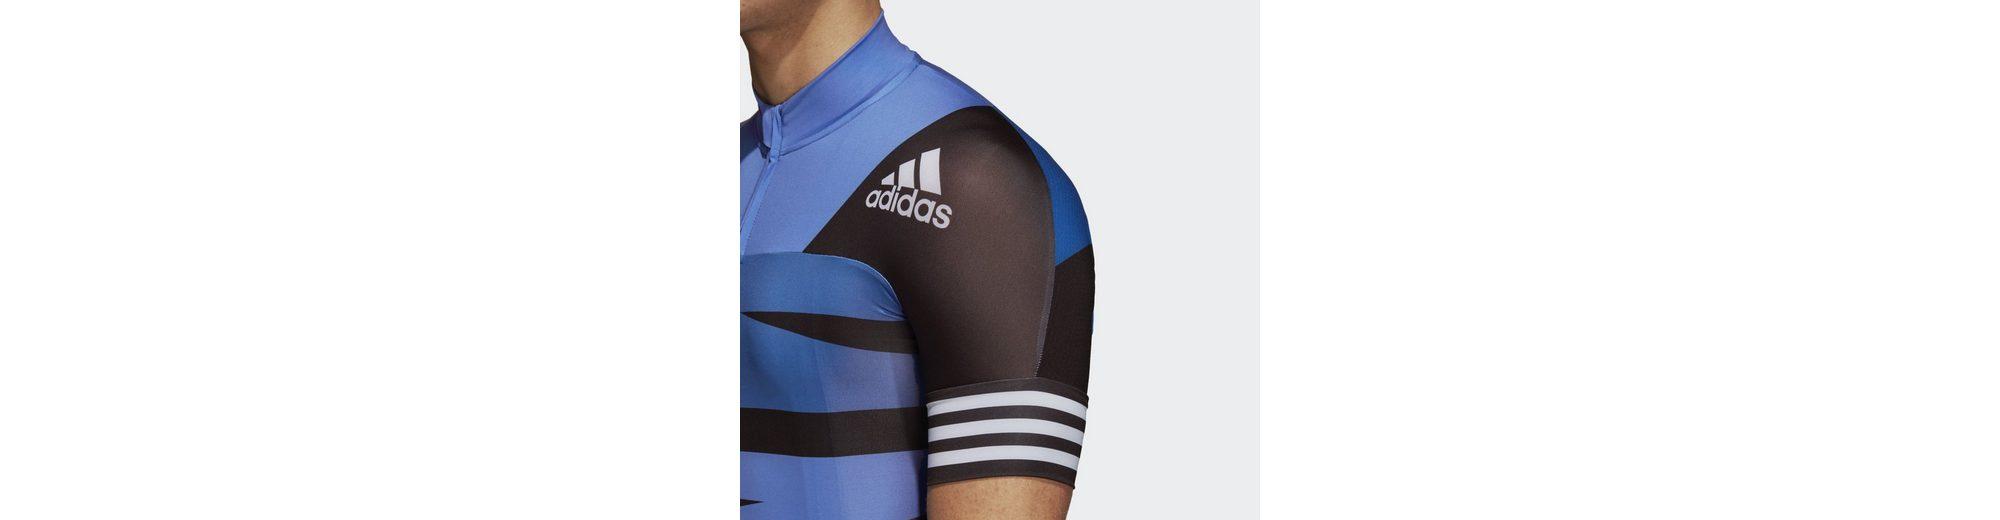 adidas Performance Sporttop Adistar Graphic Outlet Neuesten Kollektionen Spielfrei Versand WvPTazG